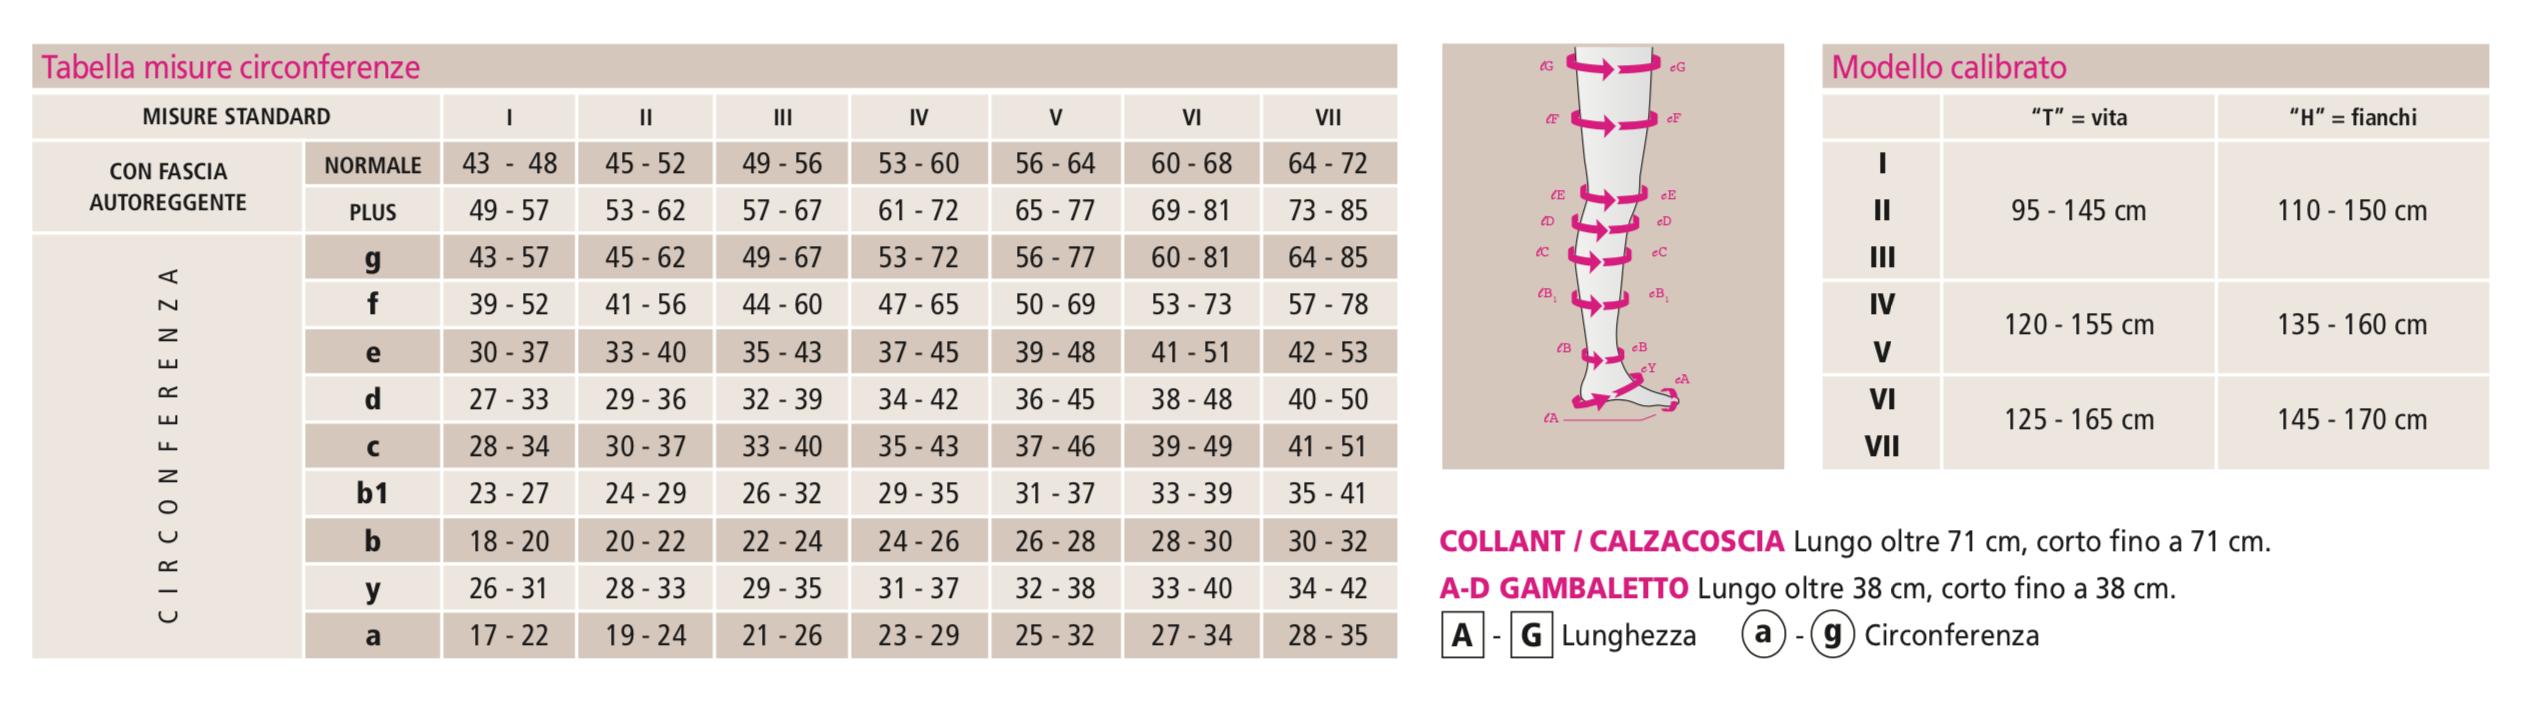 mediven® plus - Calza coscia autoreggente punta aperta - Autoreggenti compressione graduata